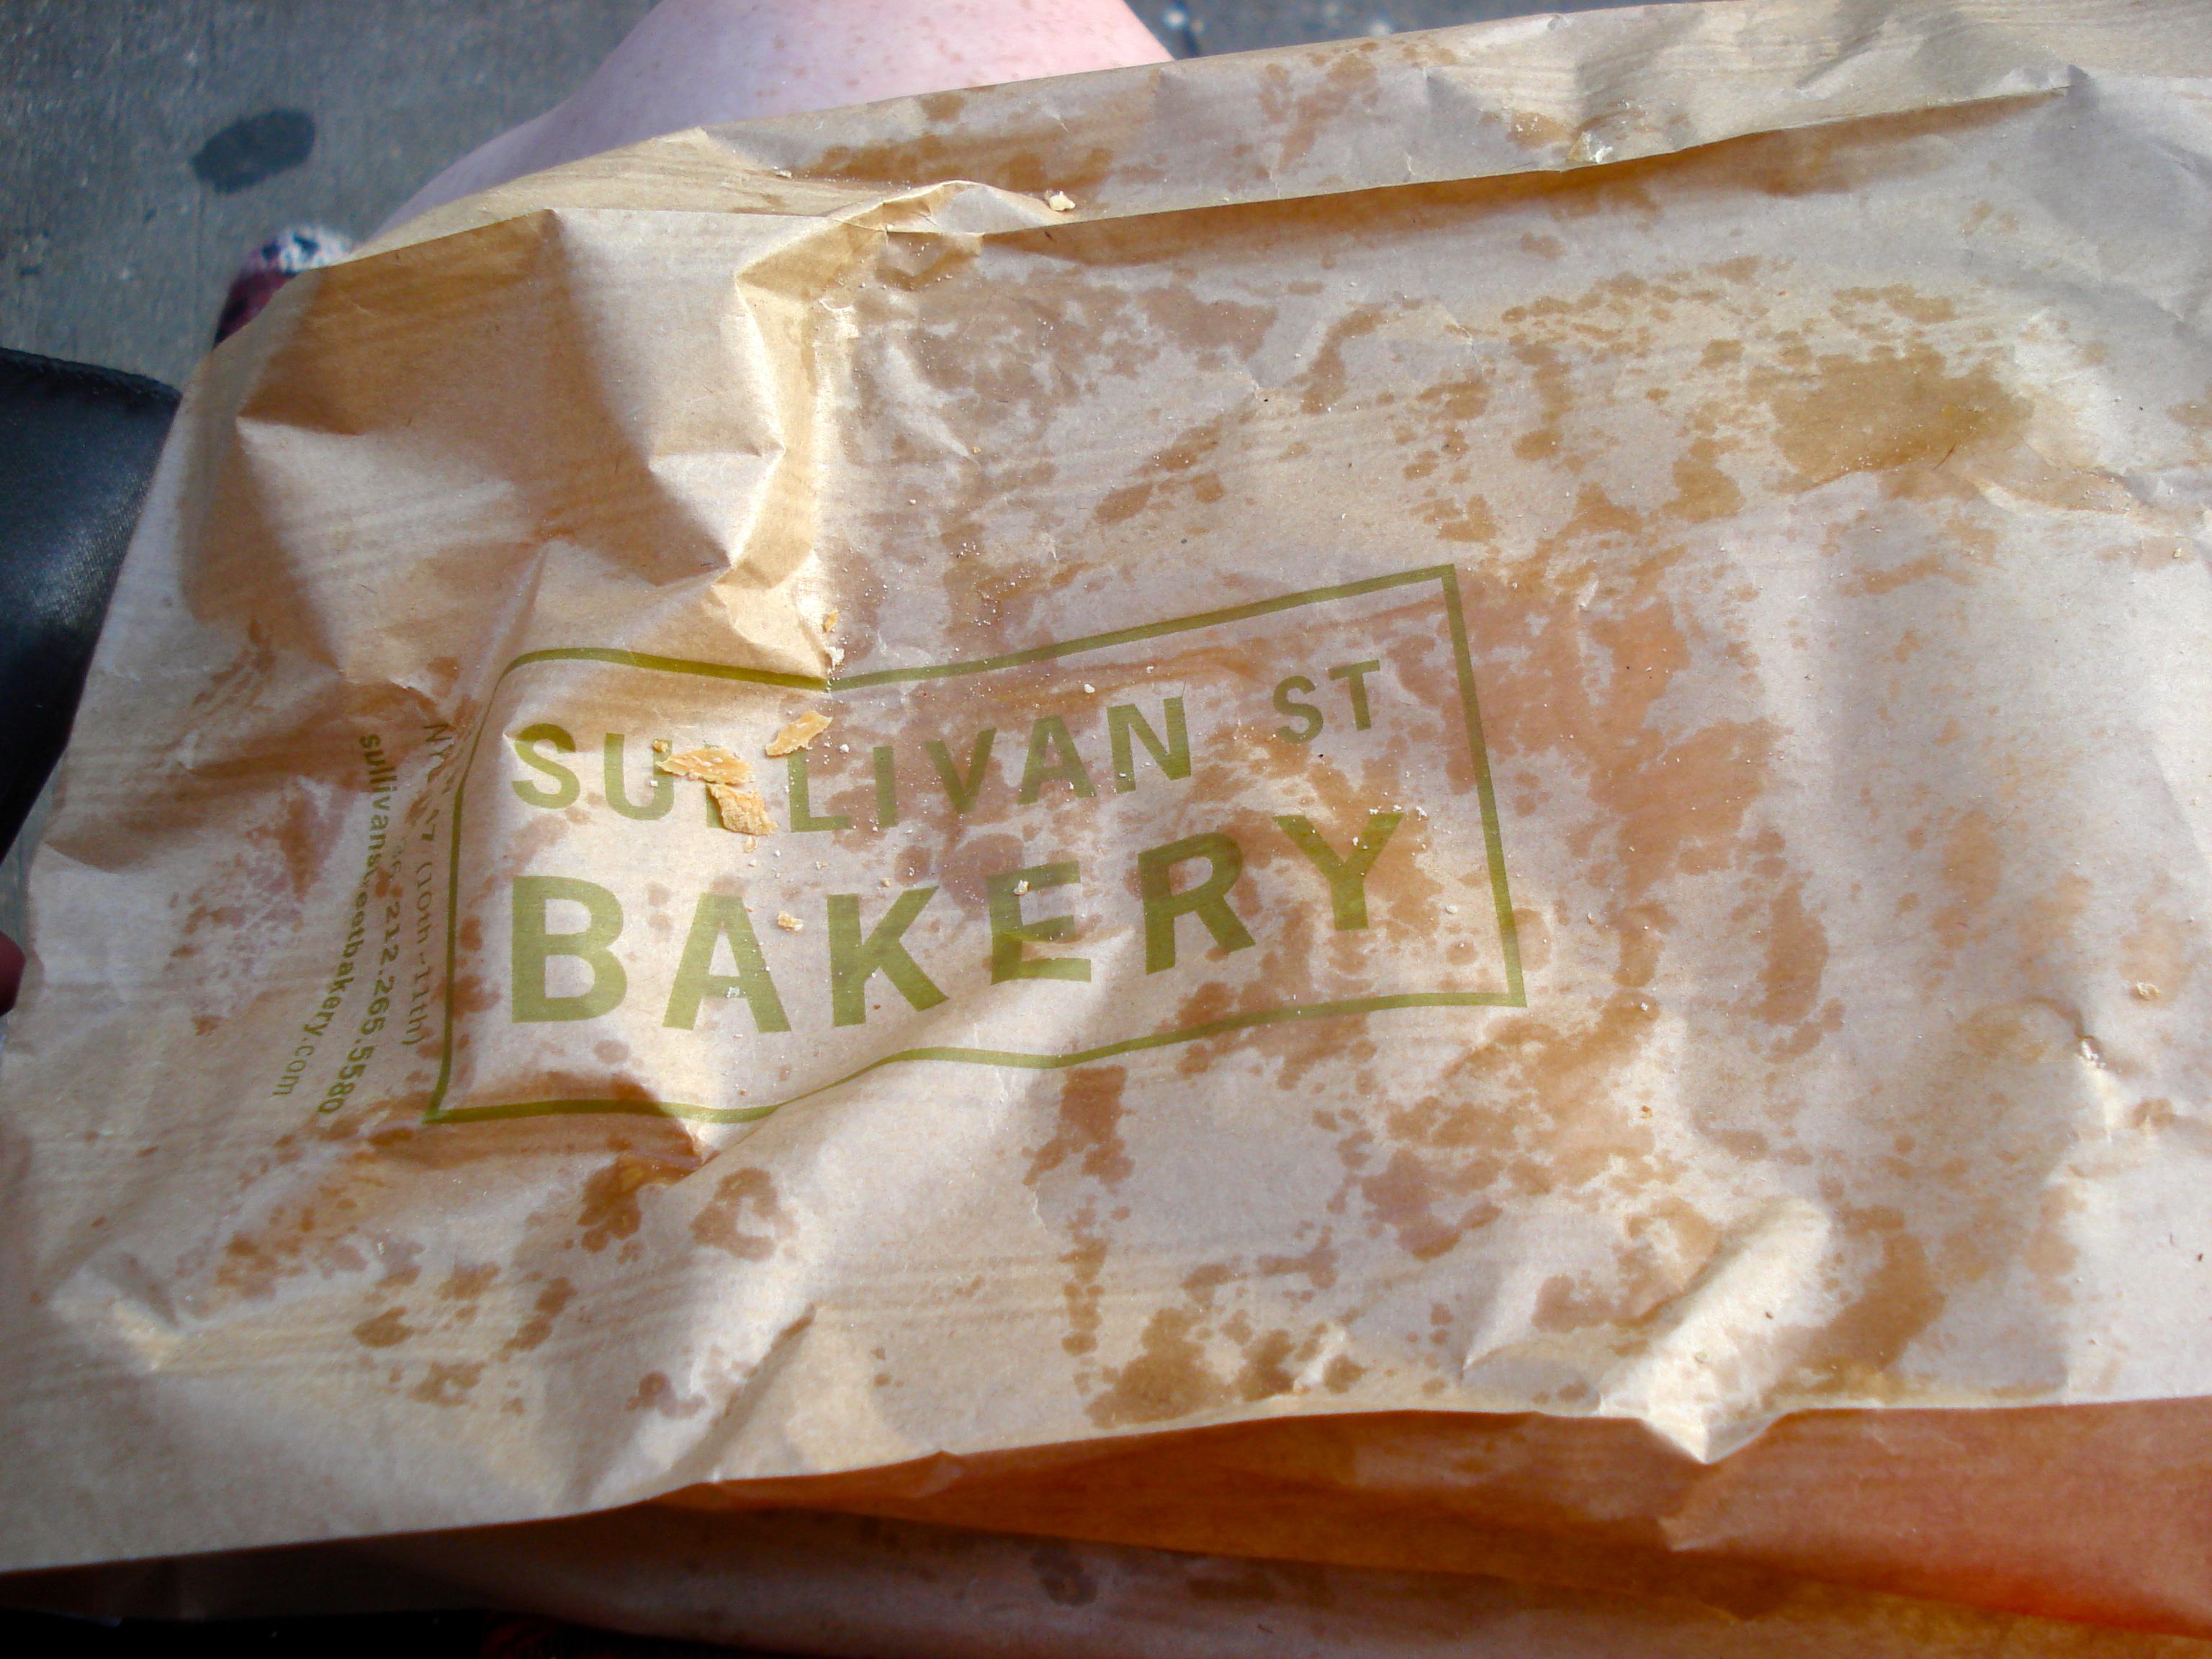 We shall meet again, Sullivan Street Bakery, oh yes, we shall meet again...